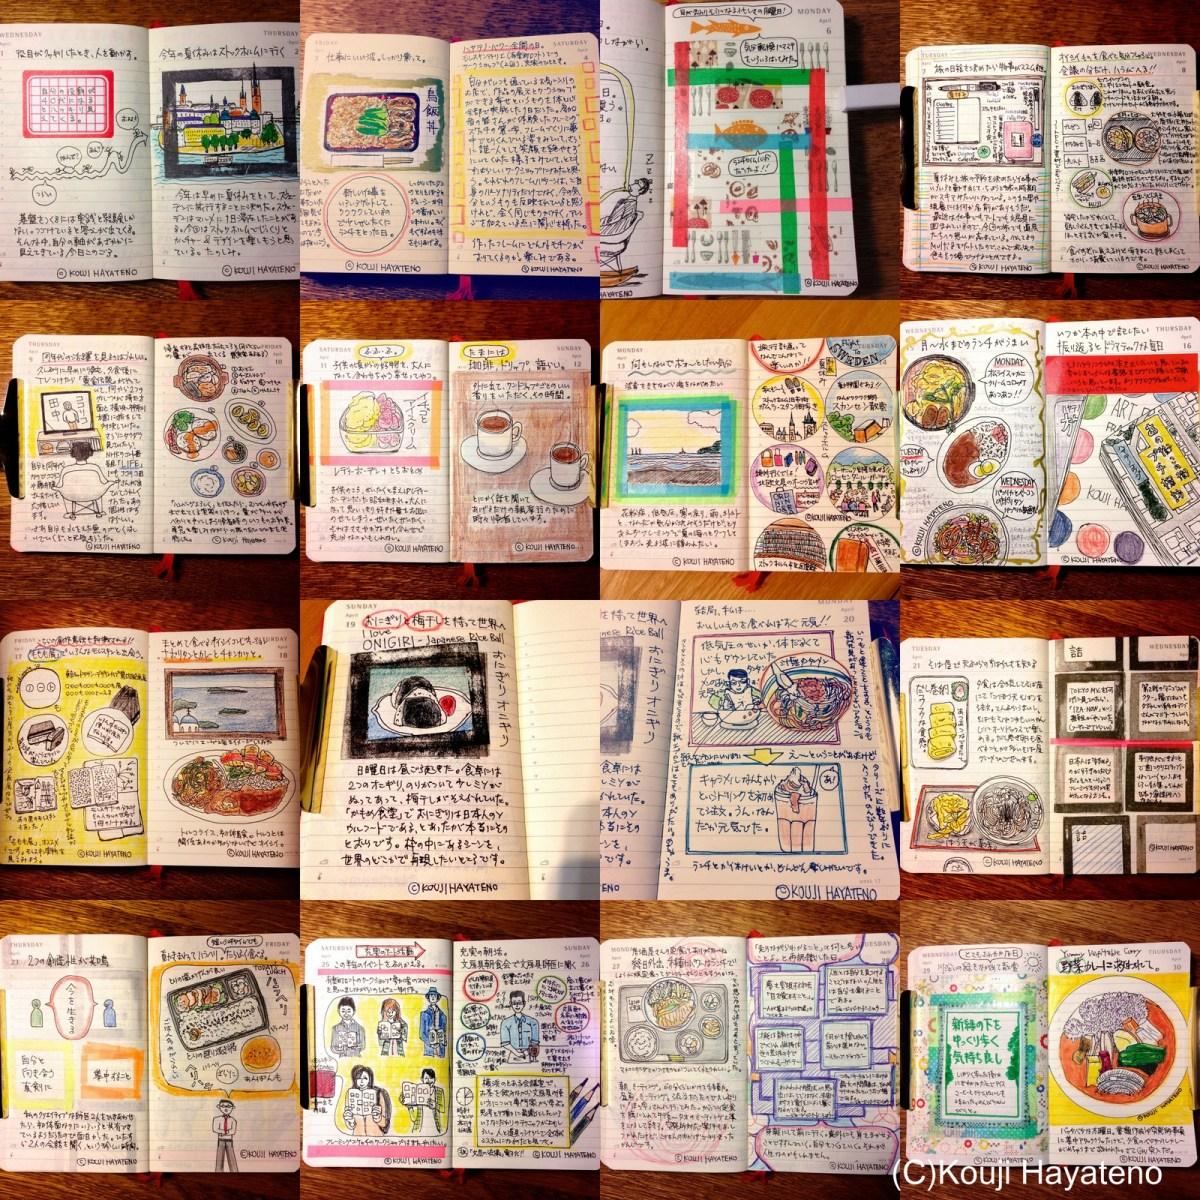 (手帳術)モレスキンのデイリーダイアリー絵日記、4ヶ月経過。